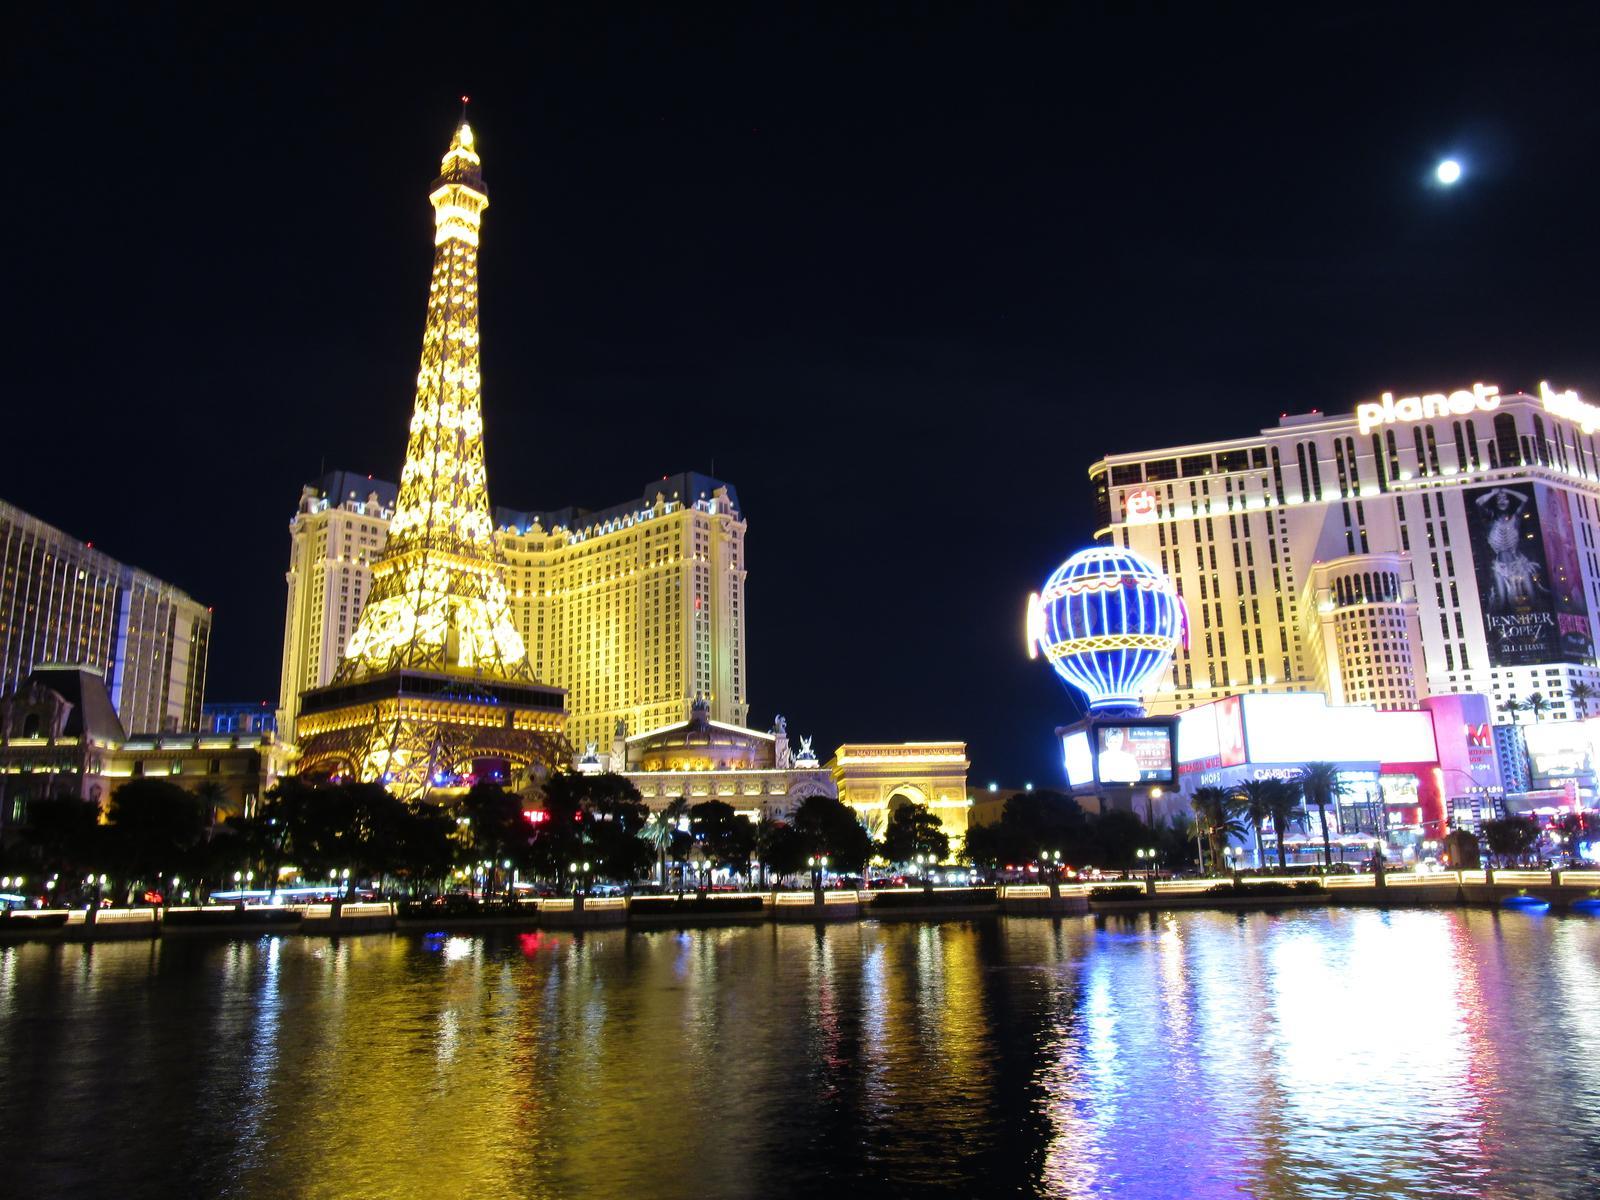 Nočný Vegas 😍 - Obrázok č. 1